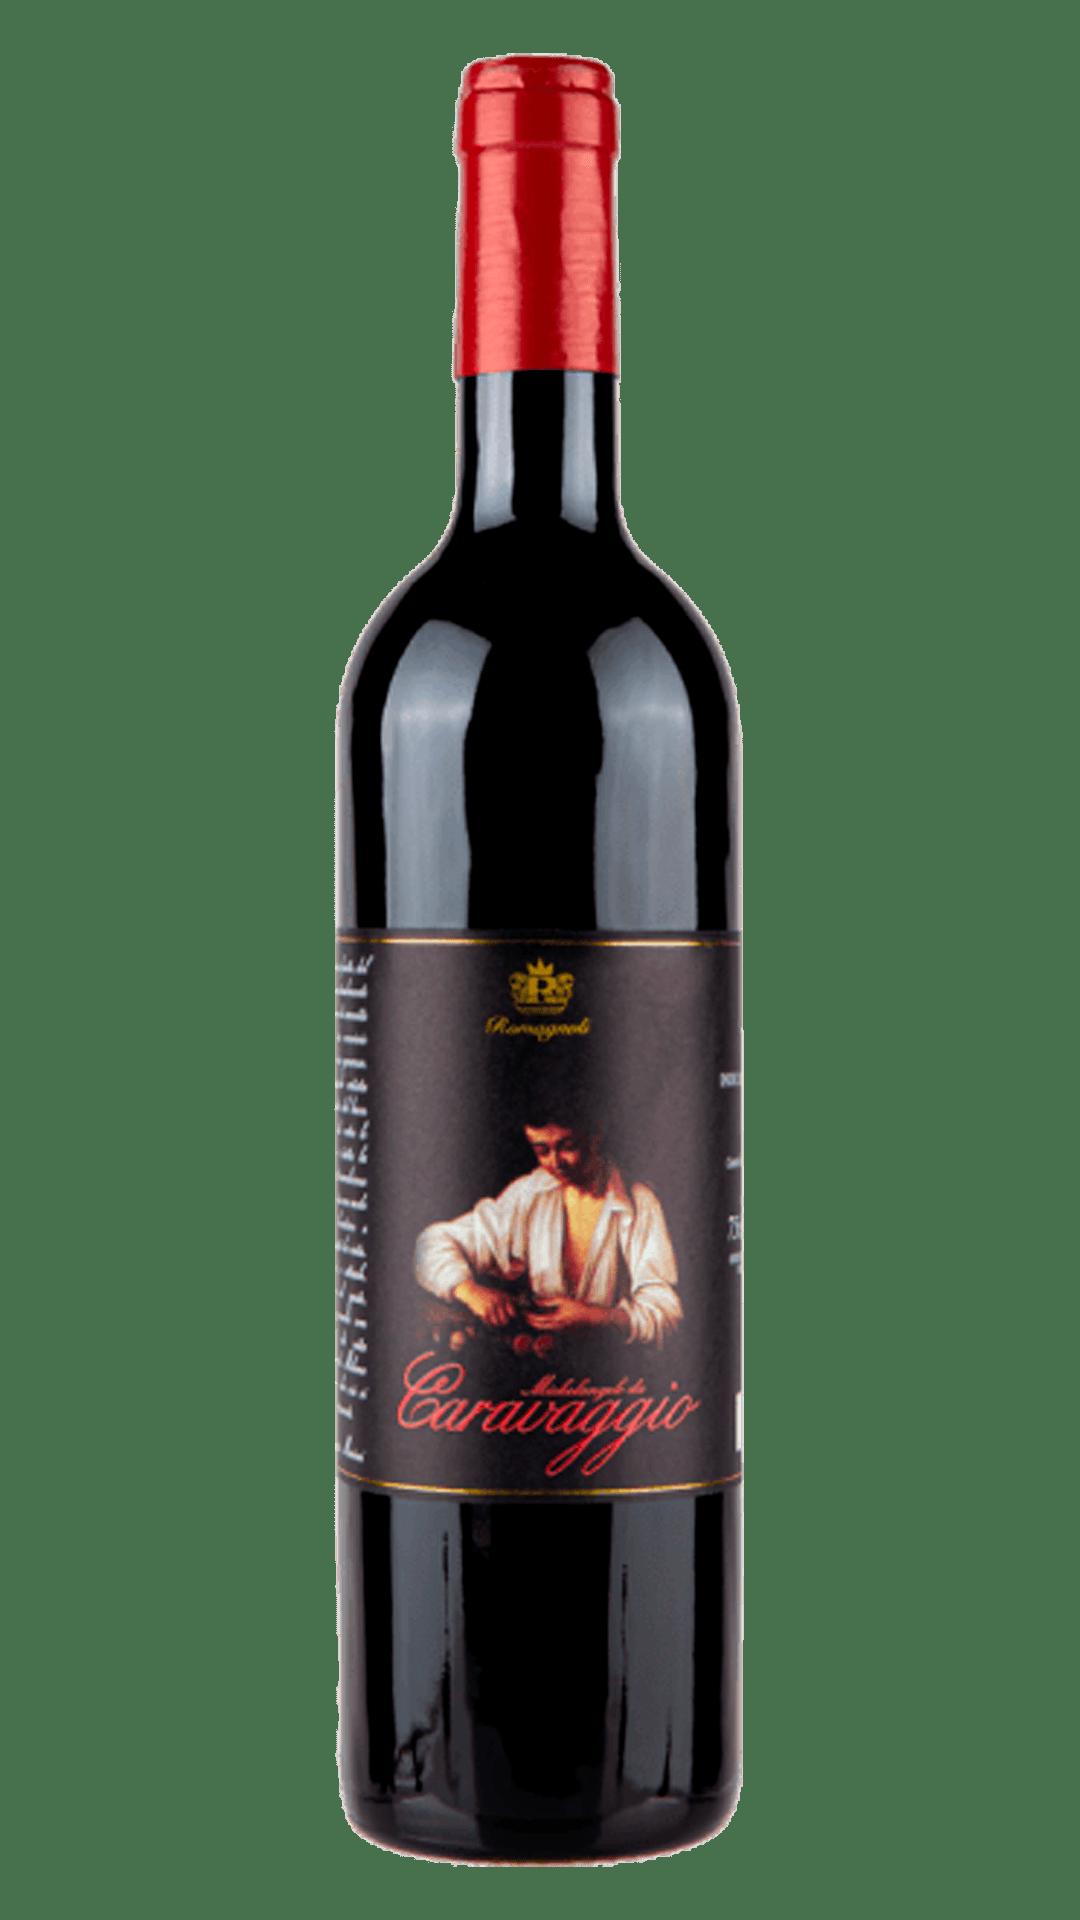 Caravaggio-Emilia-I.G.T.-Rosso